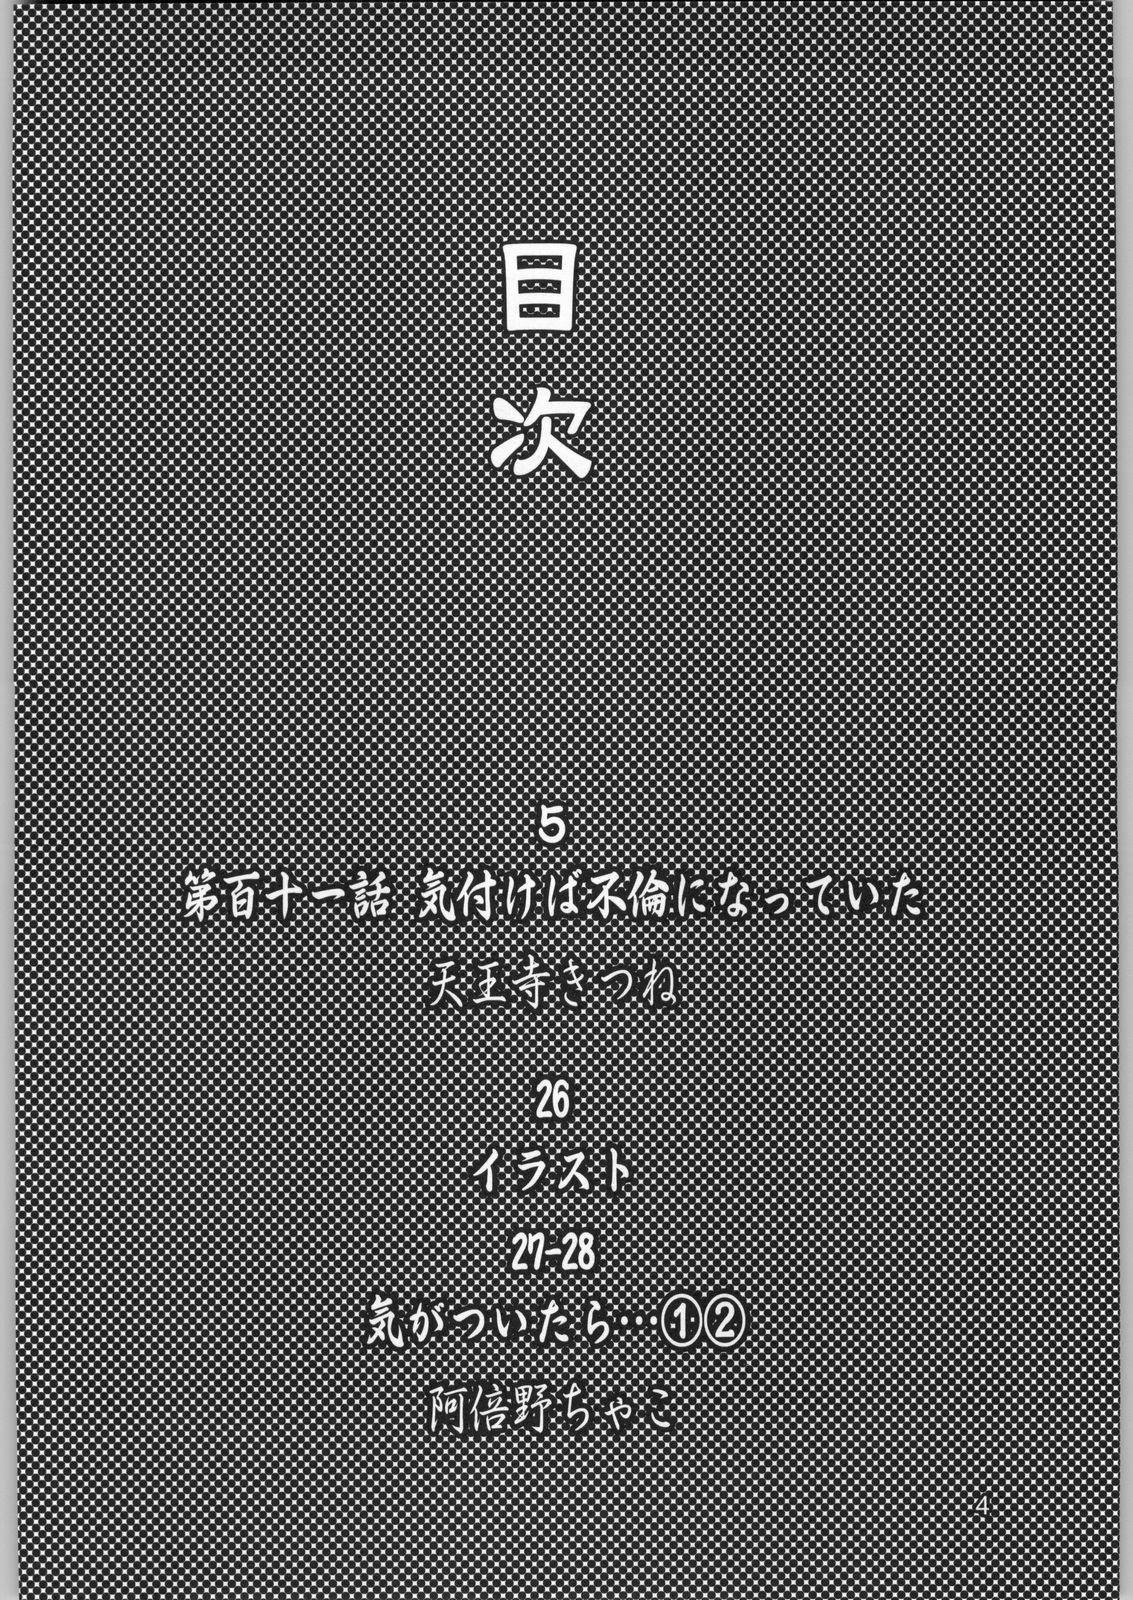 Yagyuu Ichizoku no Inkou 2